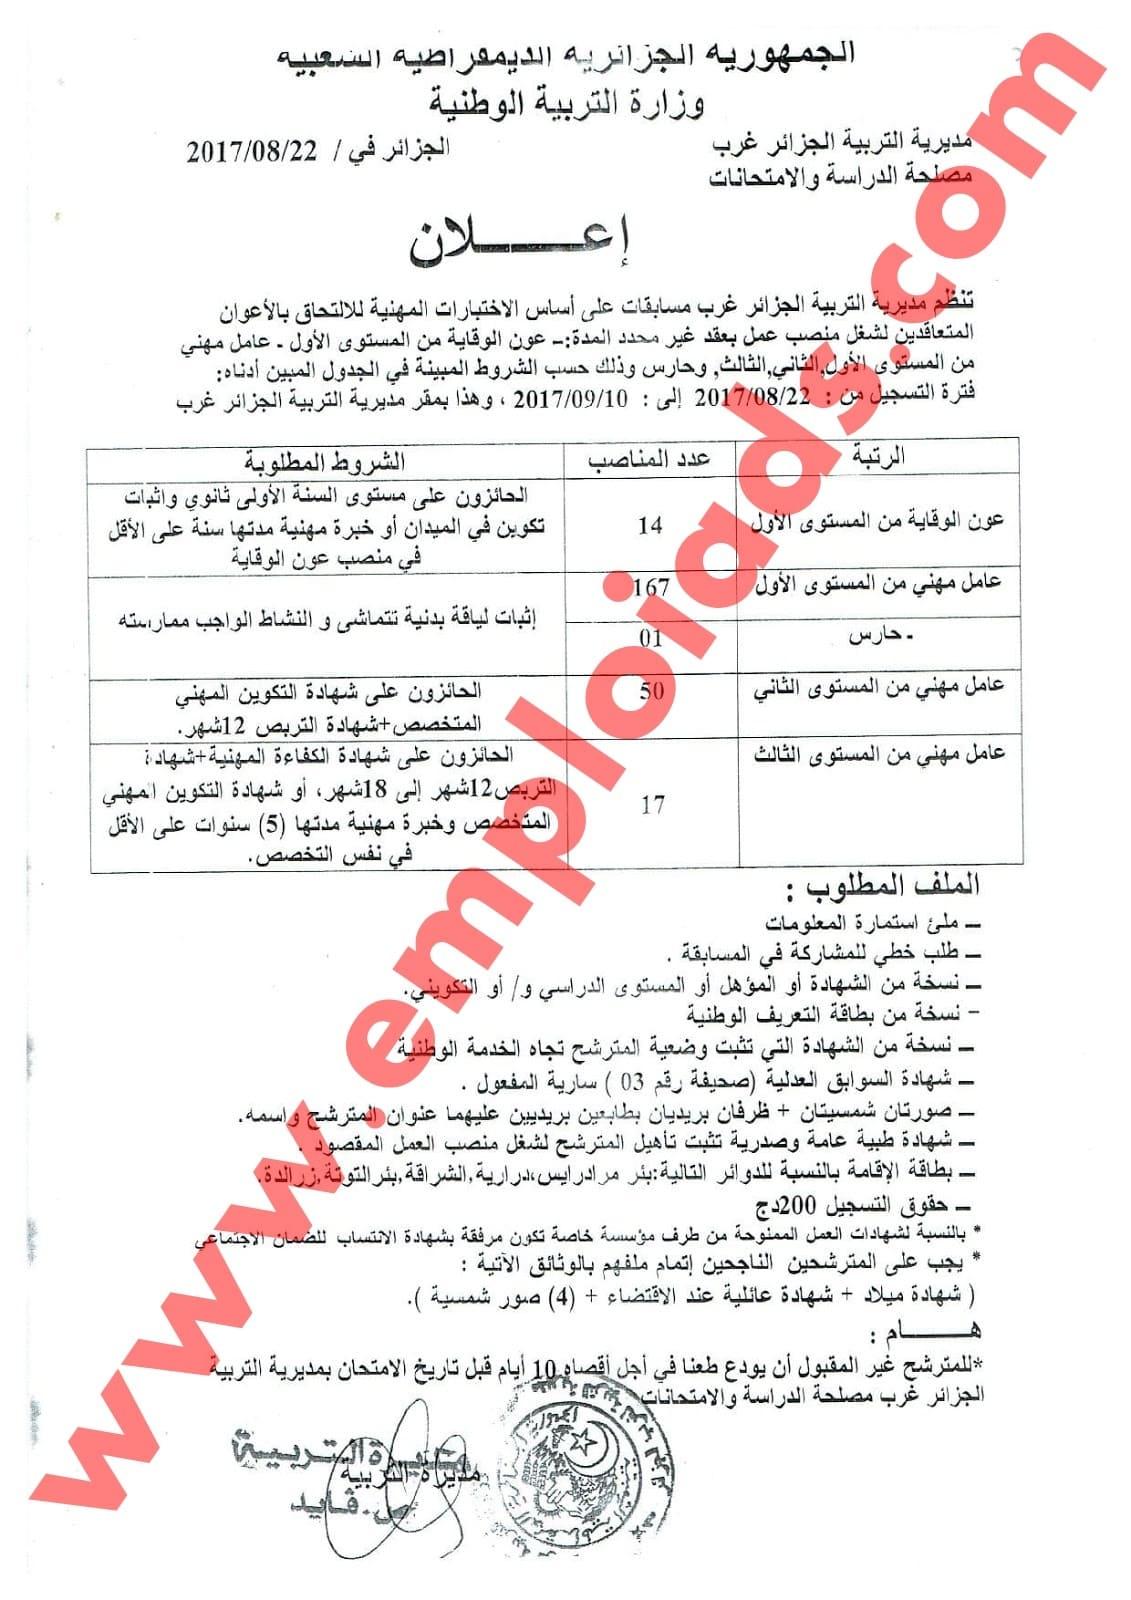 إعلان مسابقة توظيف بمديرية التربية ولاية الجزائر غرب أوت 2017